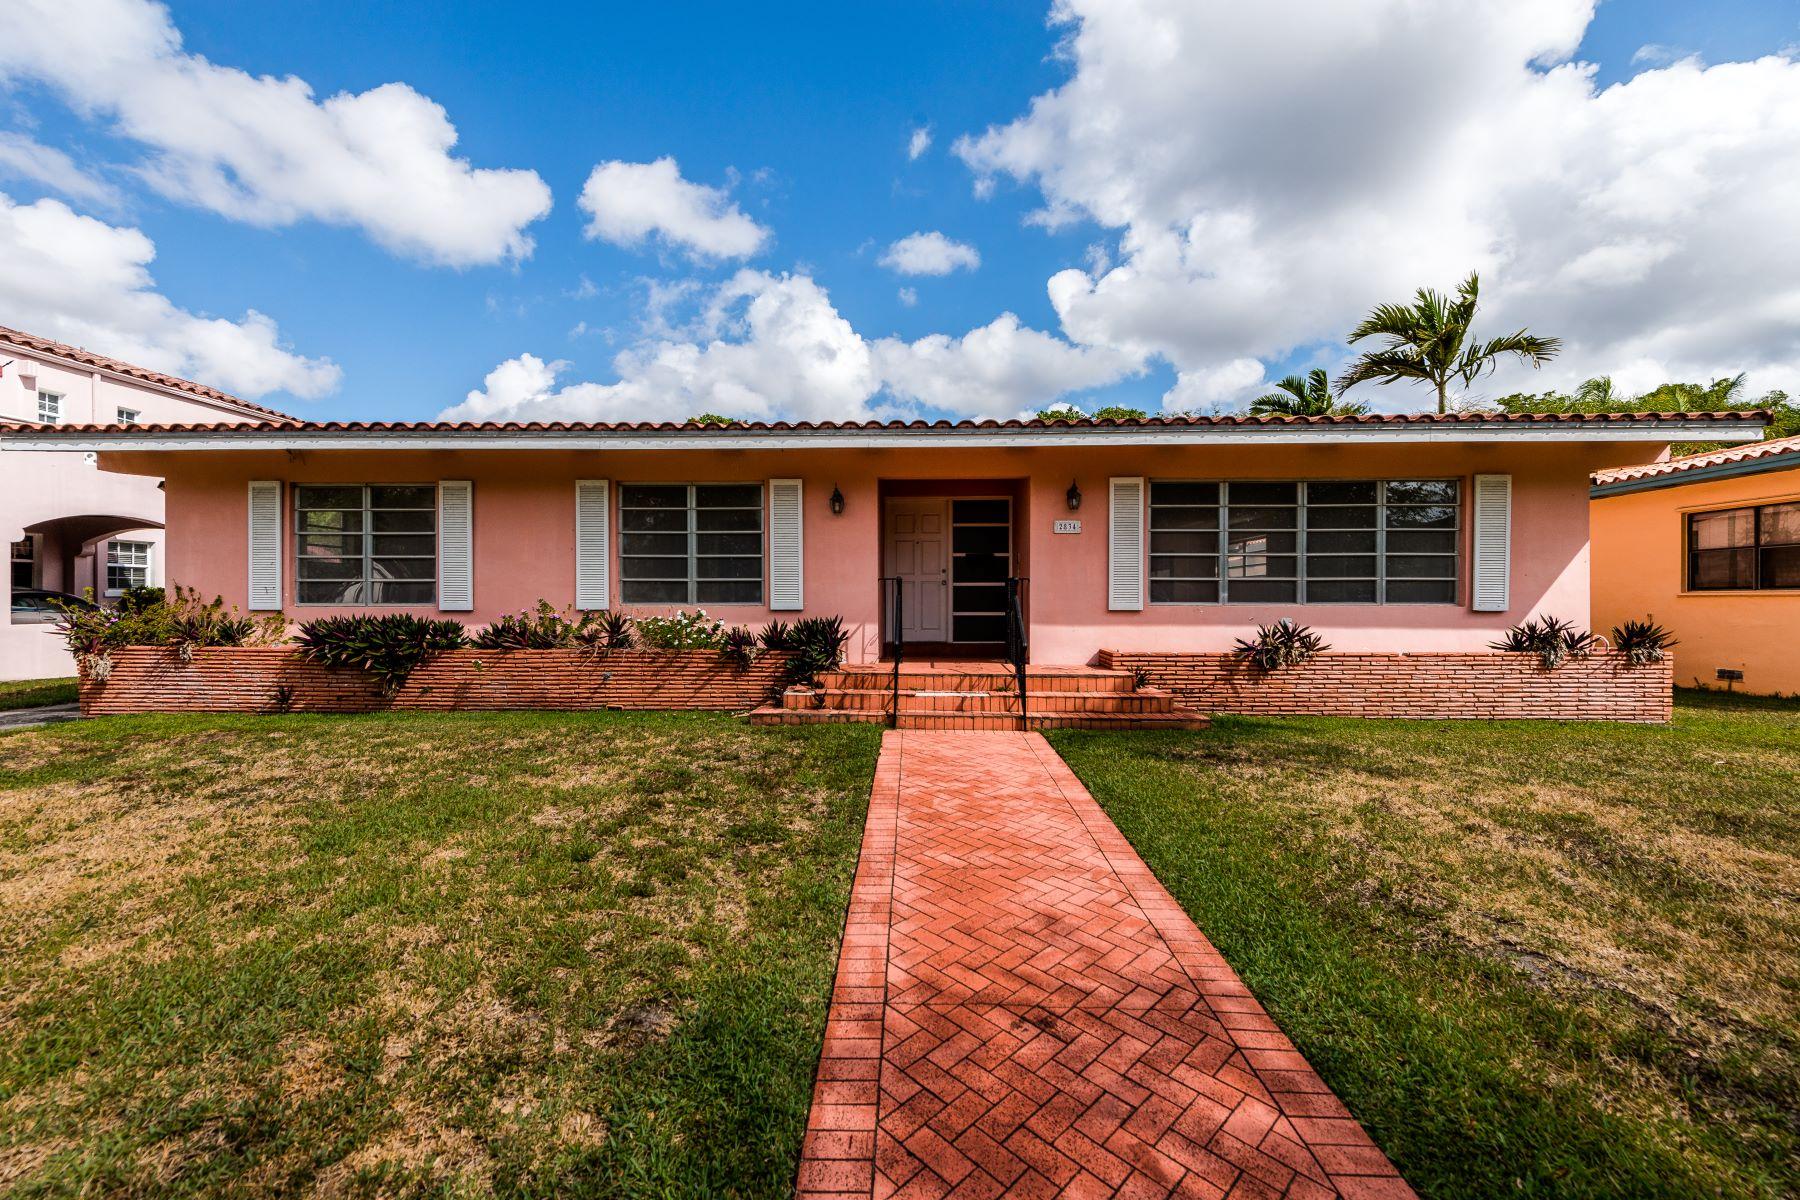 独户住宅 为 销售 在 2834 De Soto Blvd 科勒尔盖布尔斯, 佛罗里达州, 33134 美国